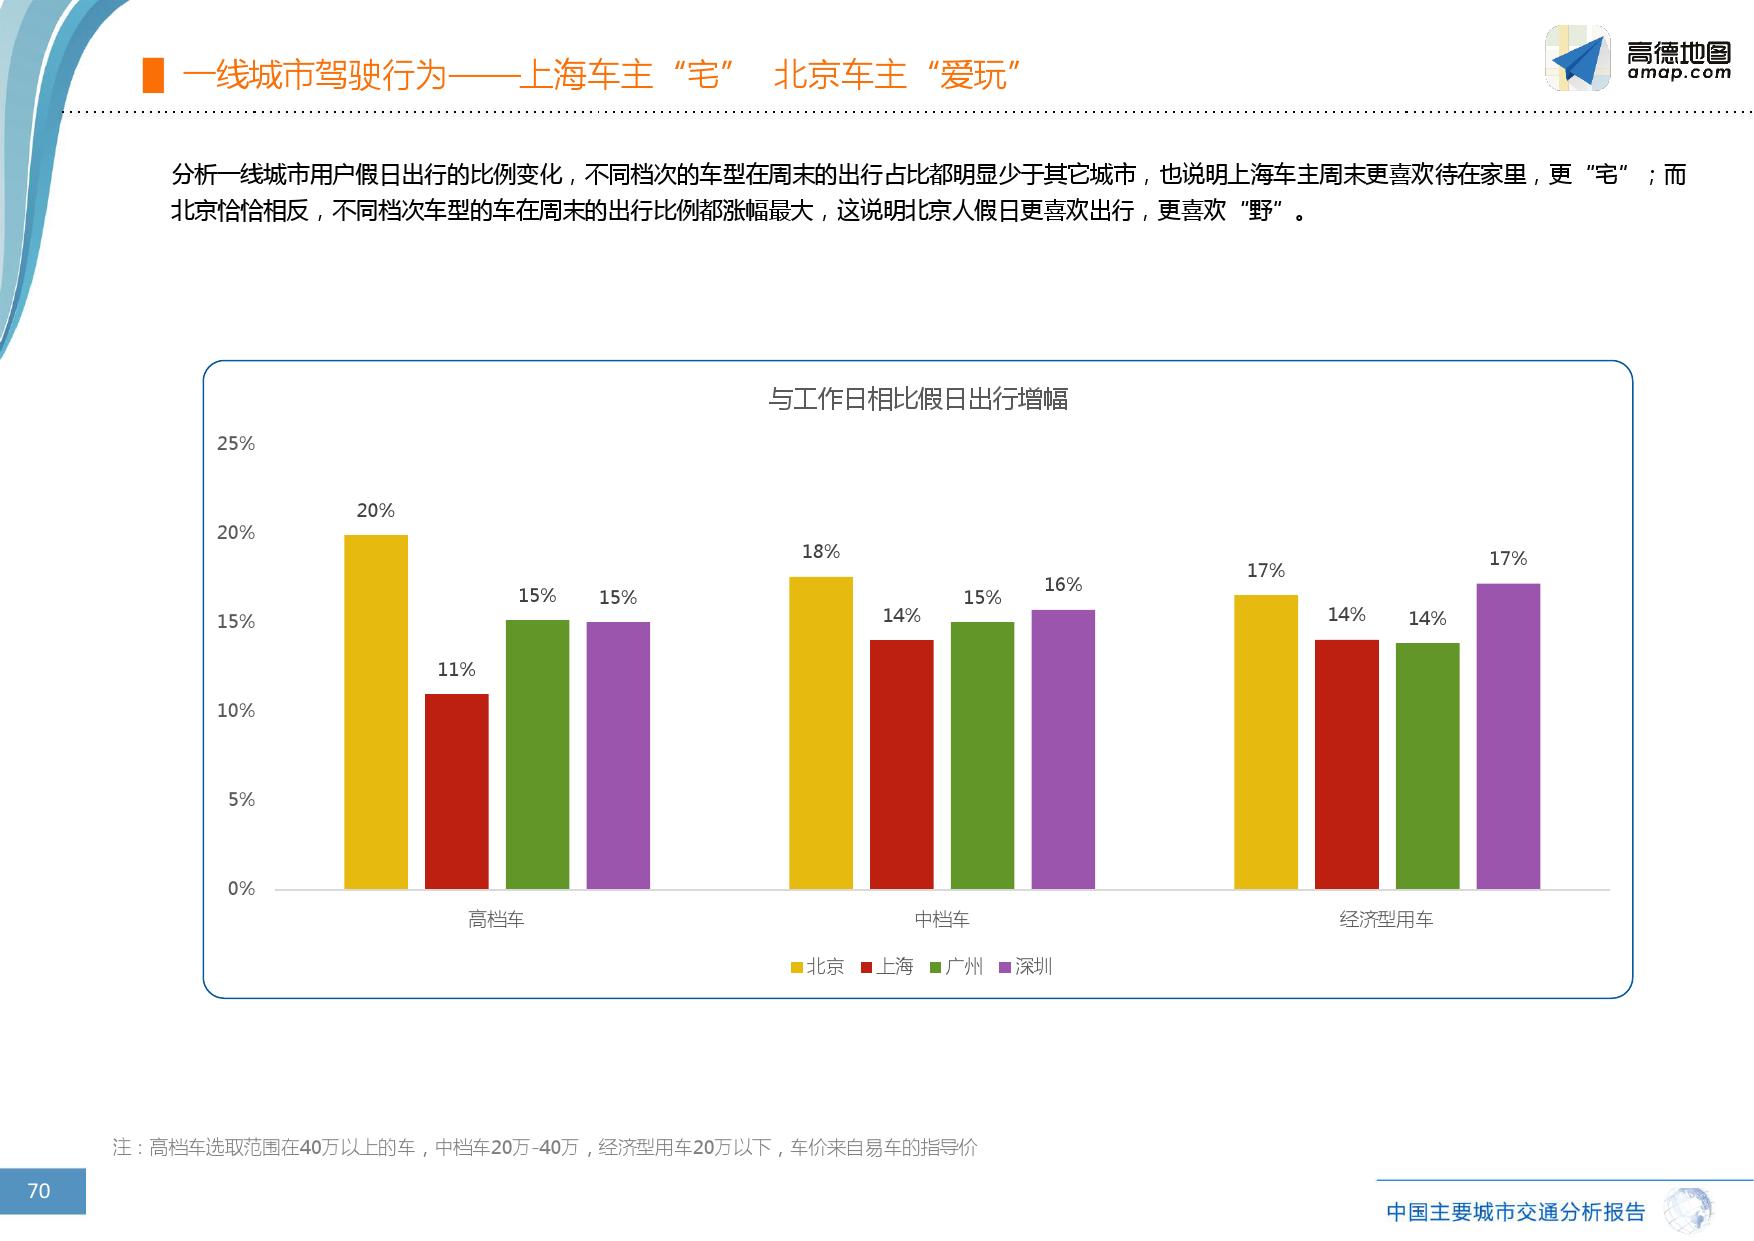 2016%e5%b9%b4q3%e4%b8%ad%e5%9b%bd%e4%b8%bb%e8%a6%81%e5%9f%8e%e5%b8%82%e4%ba%a4%e9%80%9a%e5%88%86%e6%9e%90%e6%8a%a5%e5%91%8a_000070